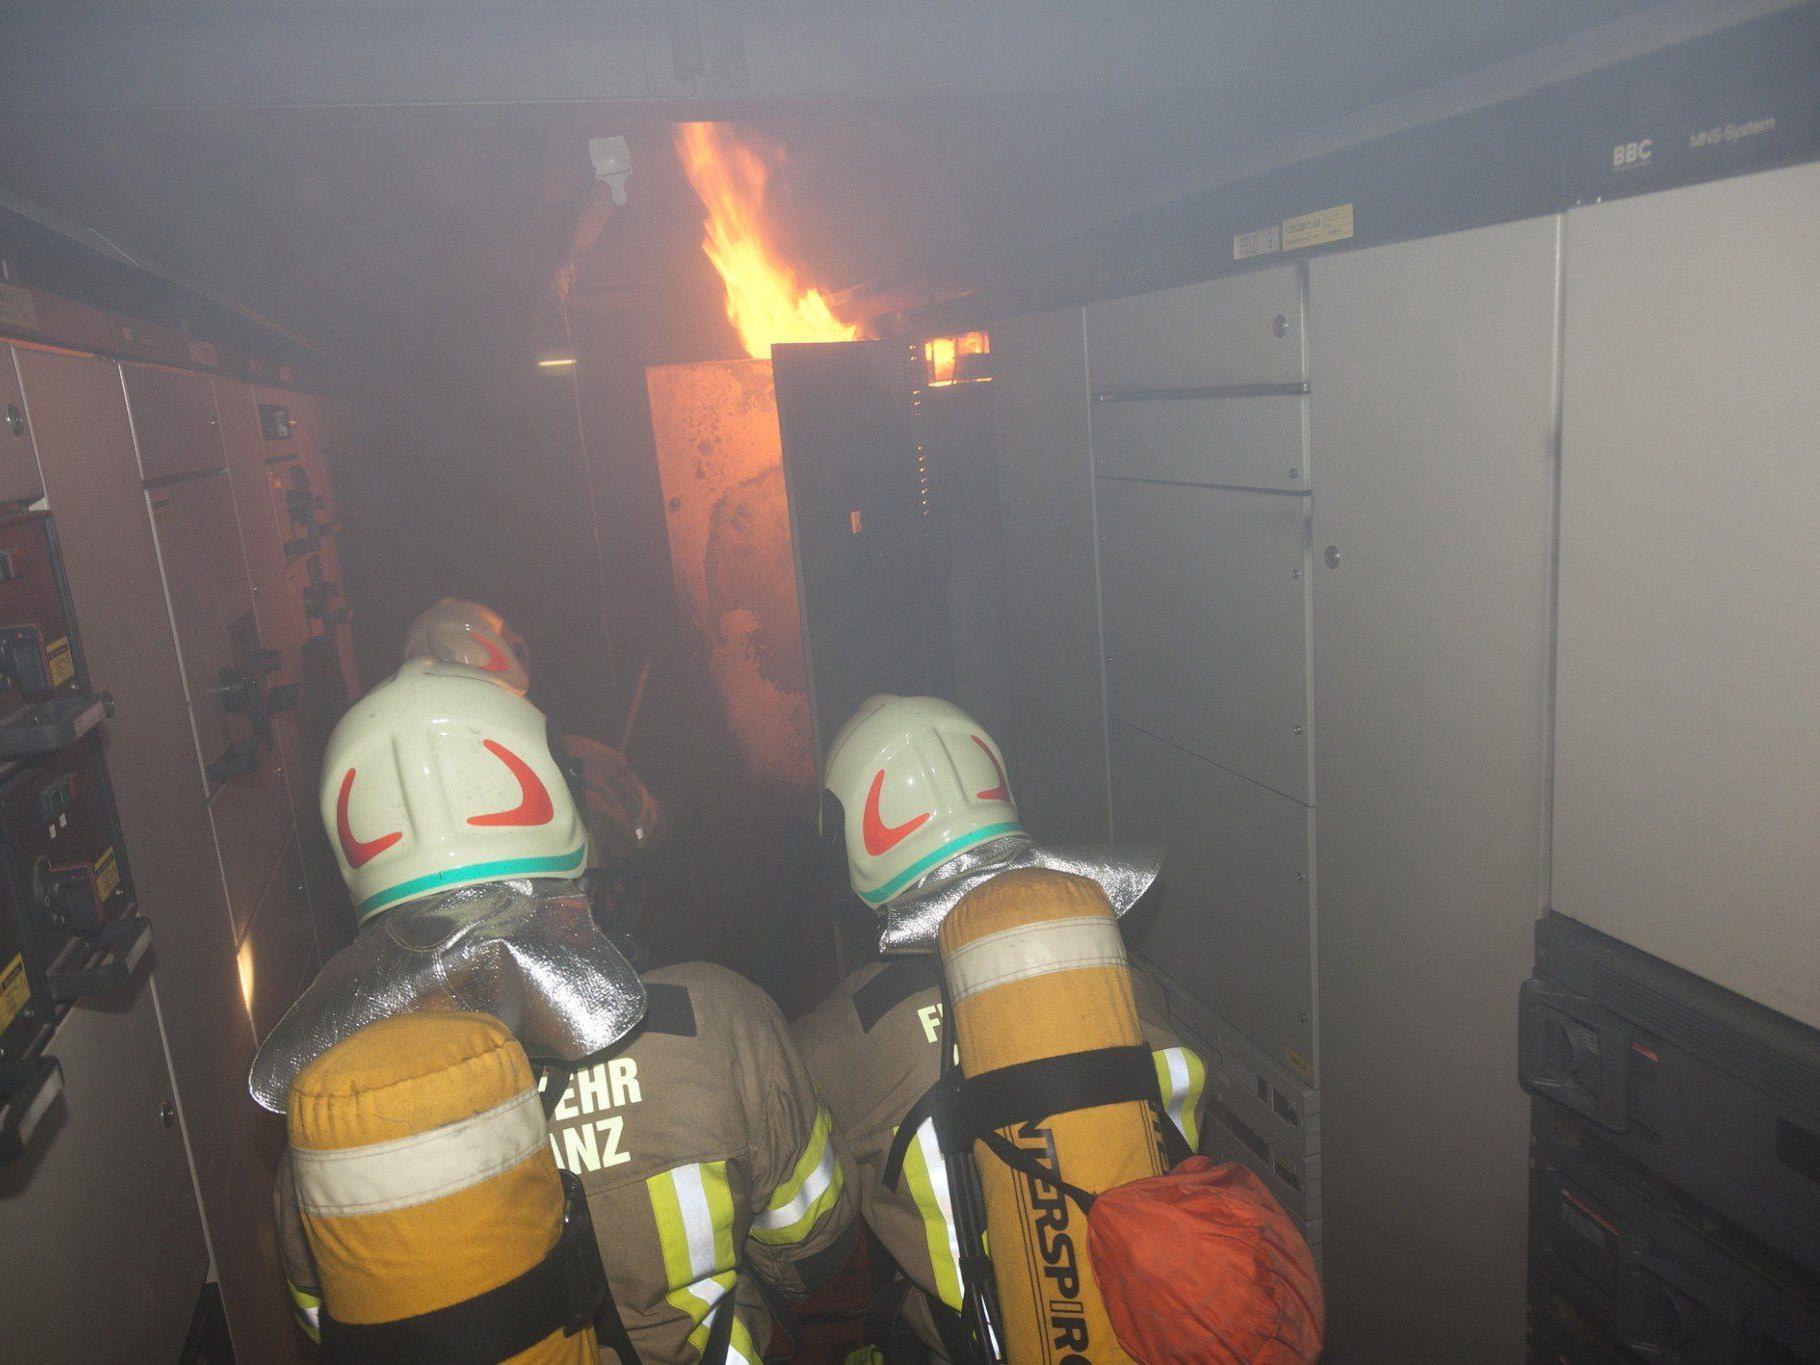 Frastanz: Im Niederspannungsraum brach Feuer aus.